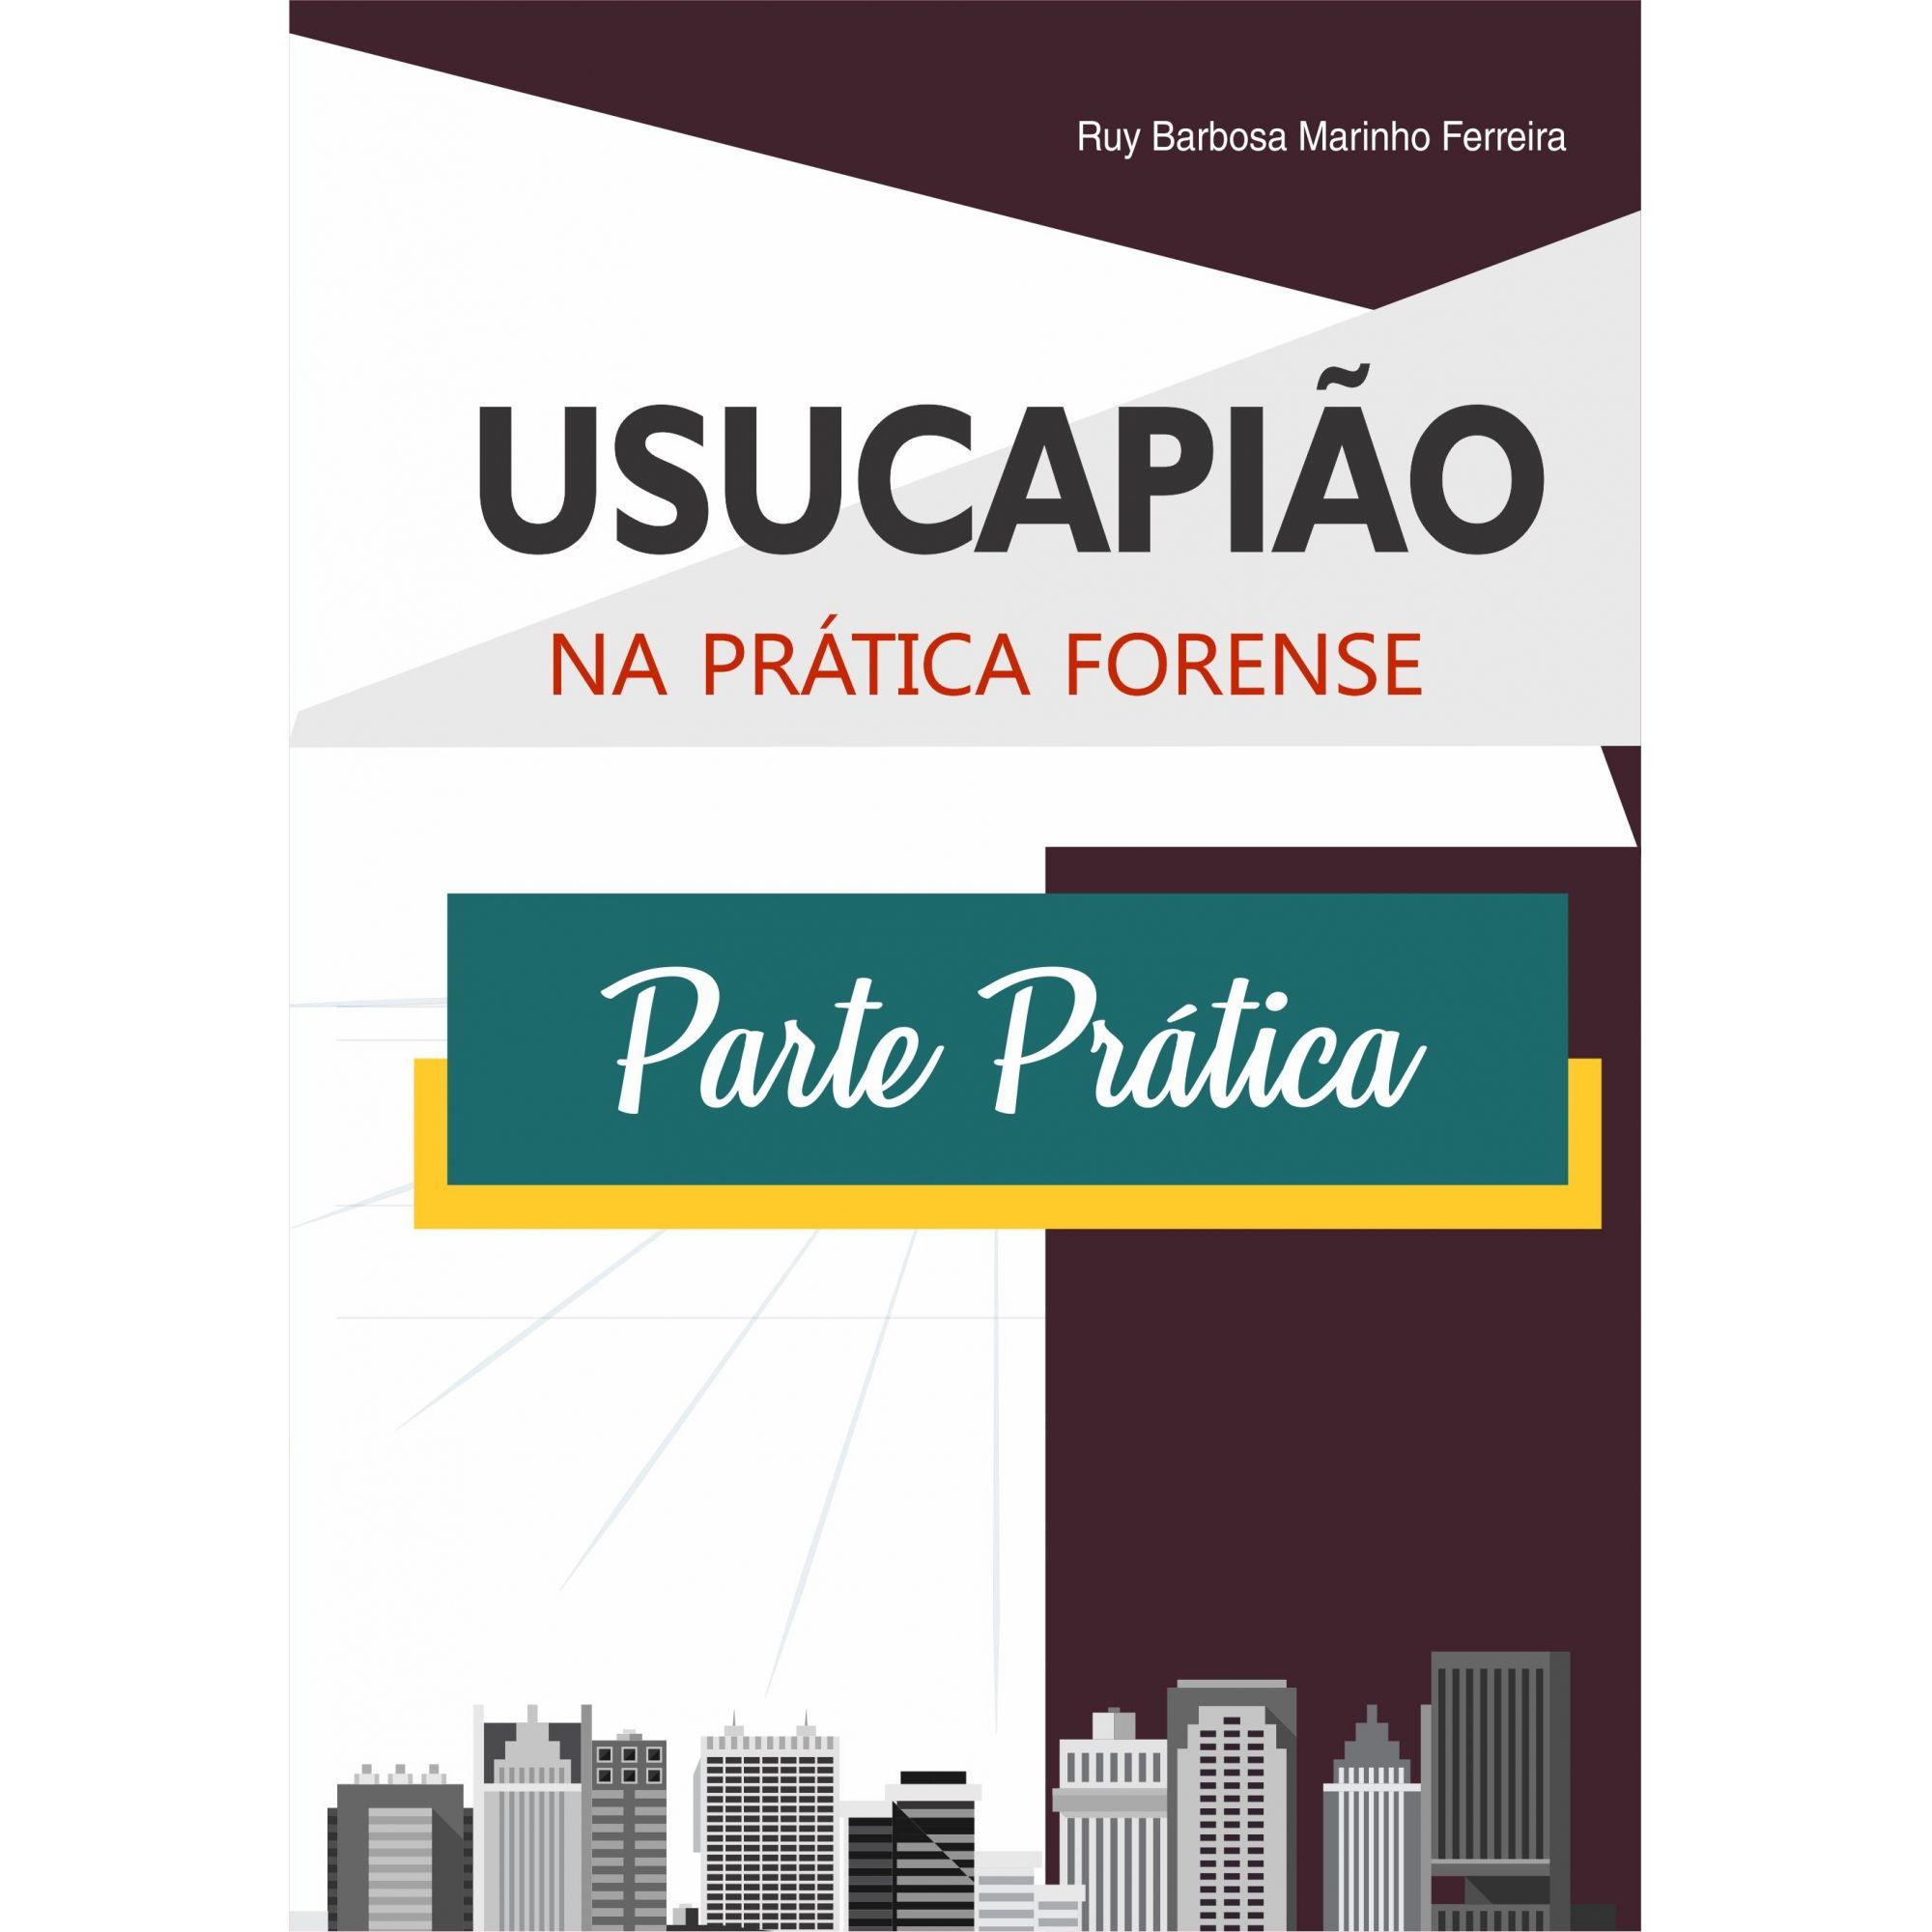 Parte Prática - Usucapião na Prática Forense (SOMENTE PARTE PRÁTICA)  - Edijur Editora